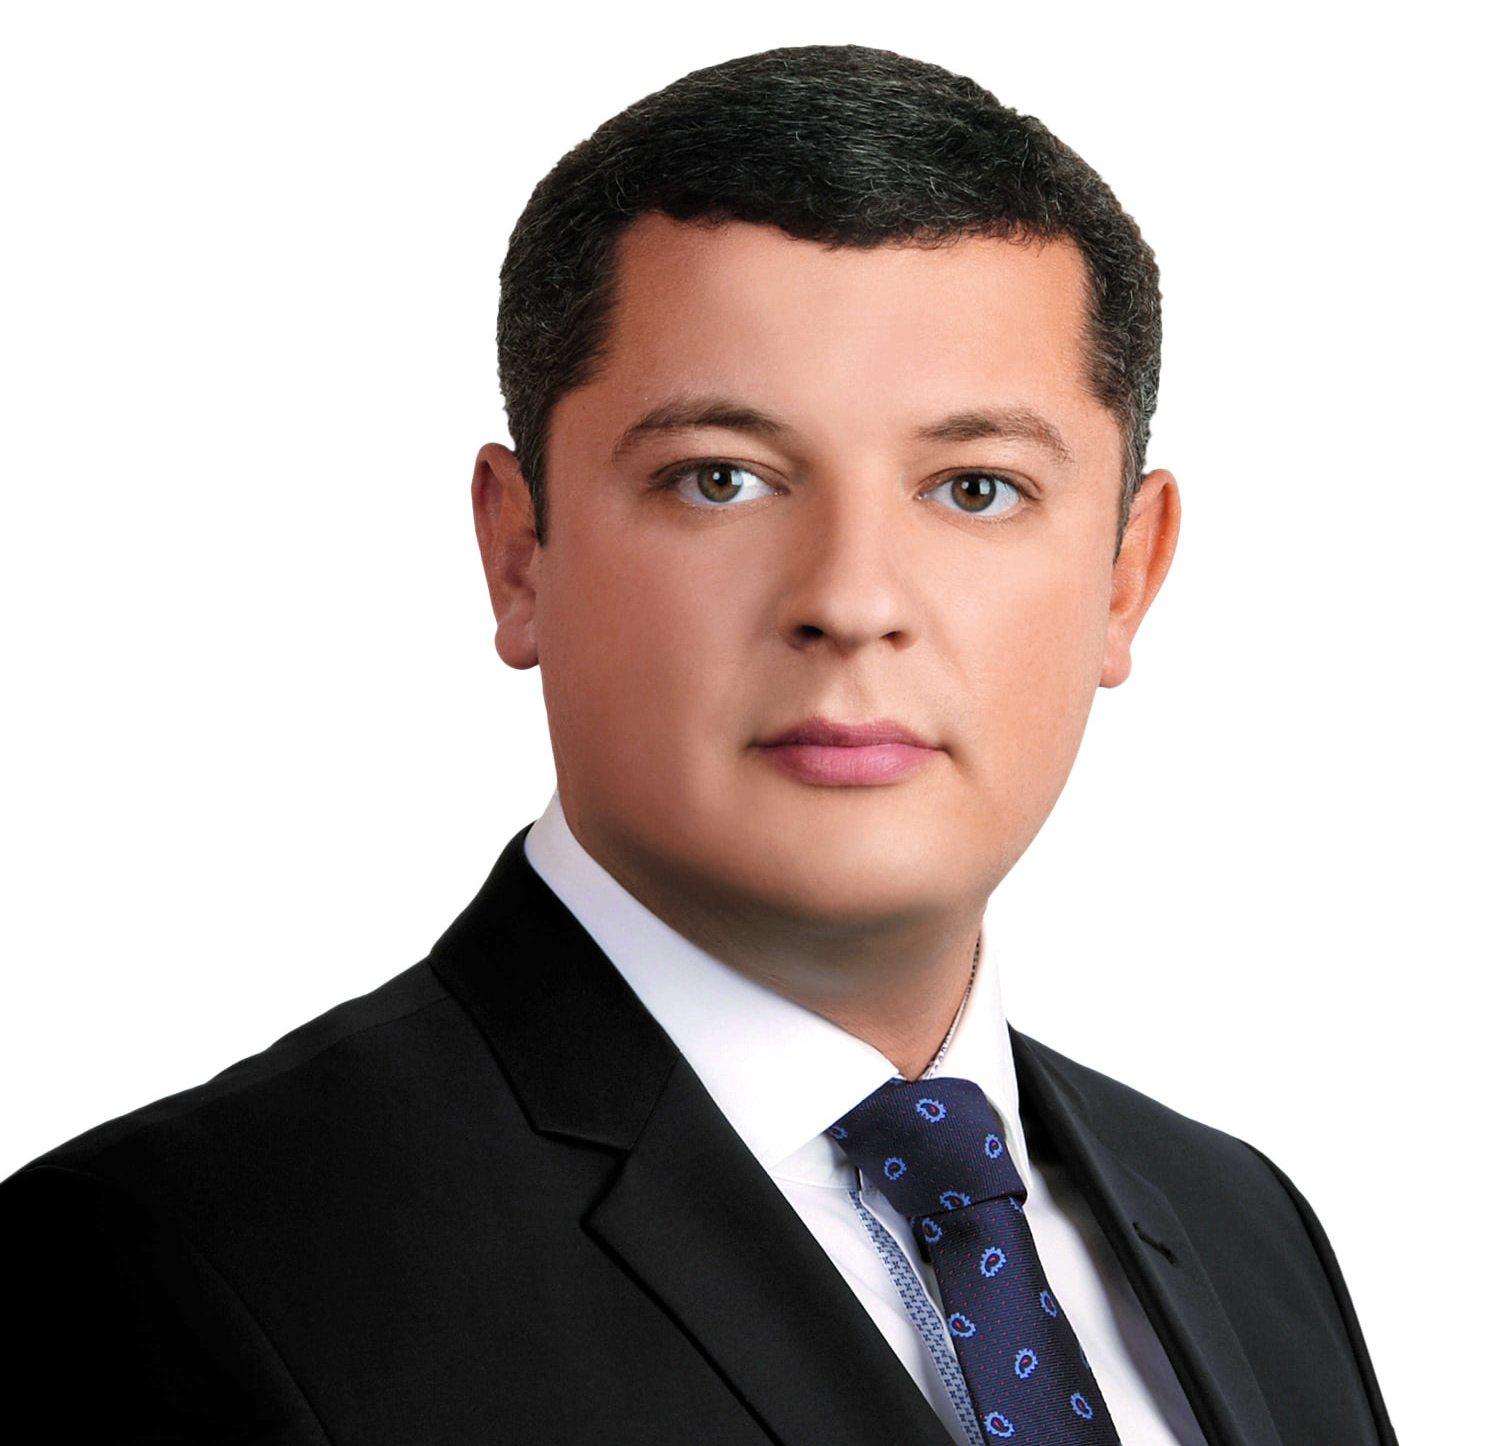 Егор Устинов: Мы будем участвовать в выборах, и мы победим!